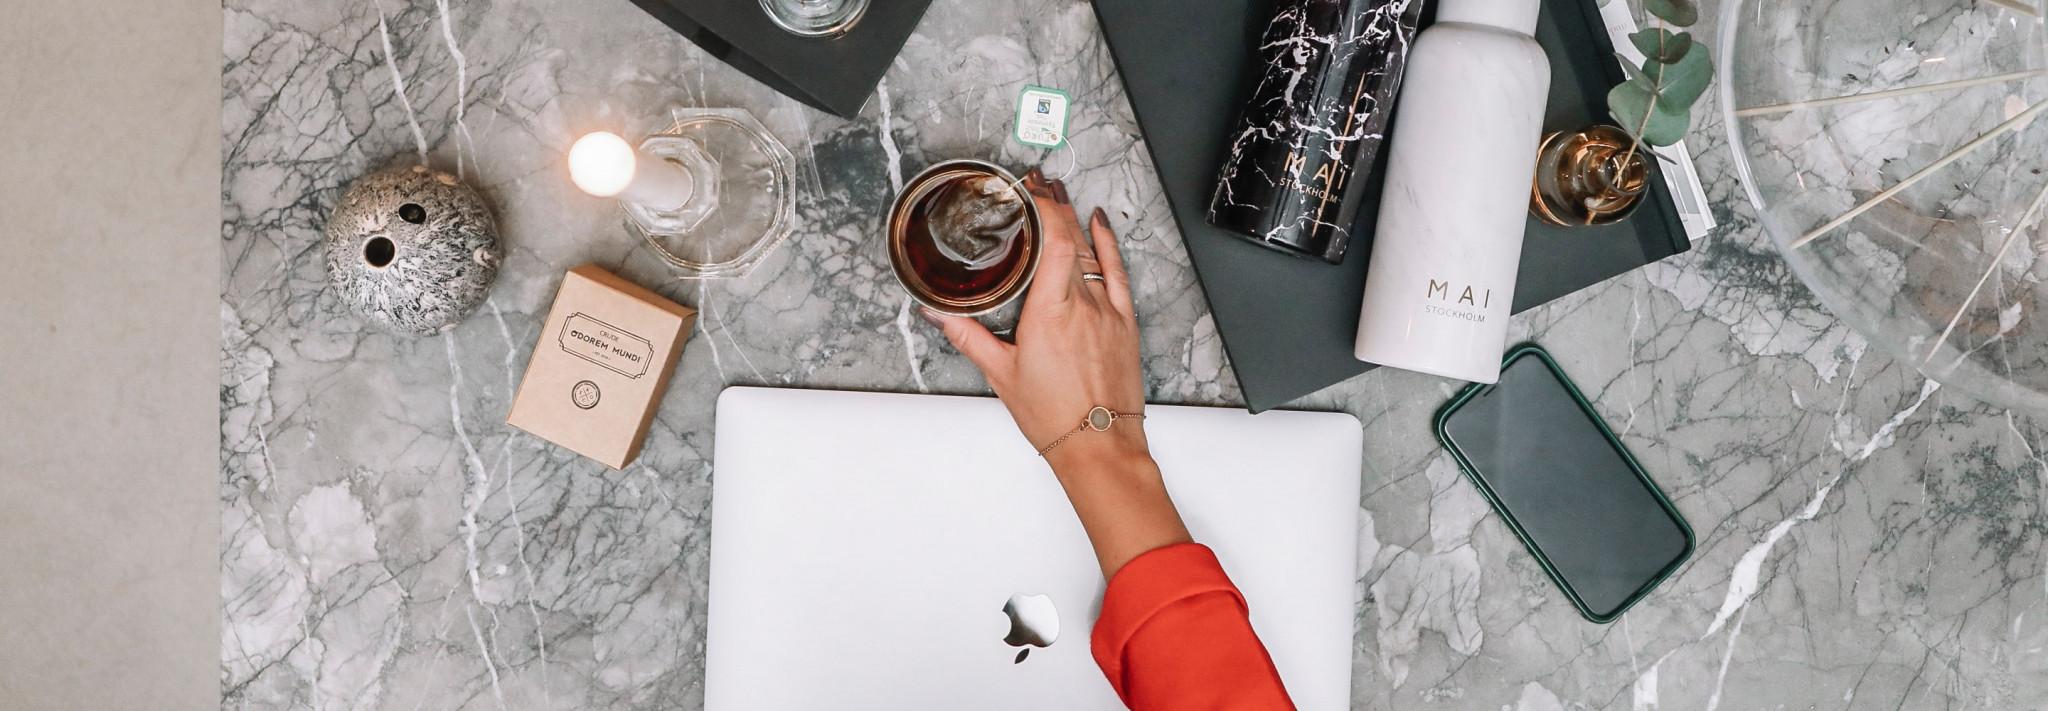 Hand som sträcker över dator mot kaffekopp